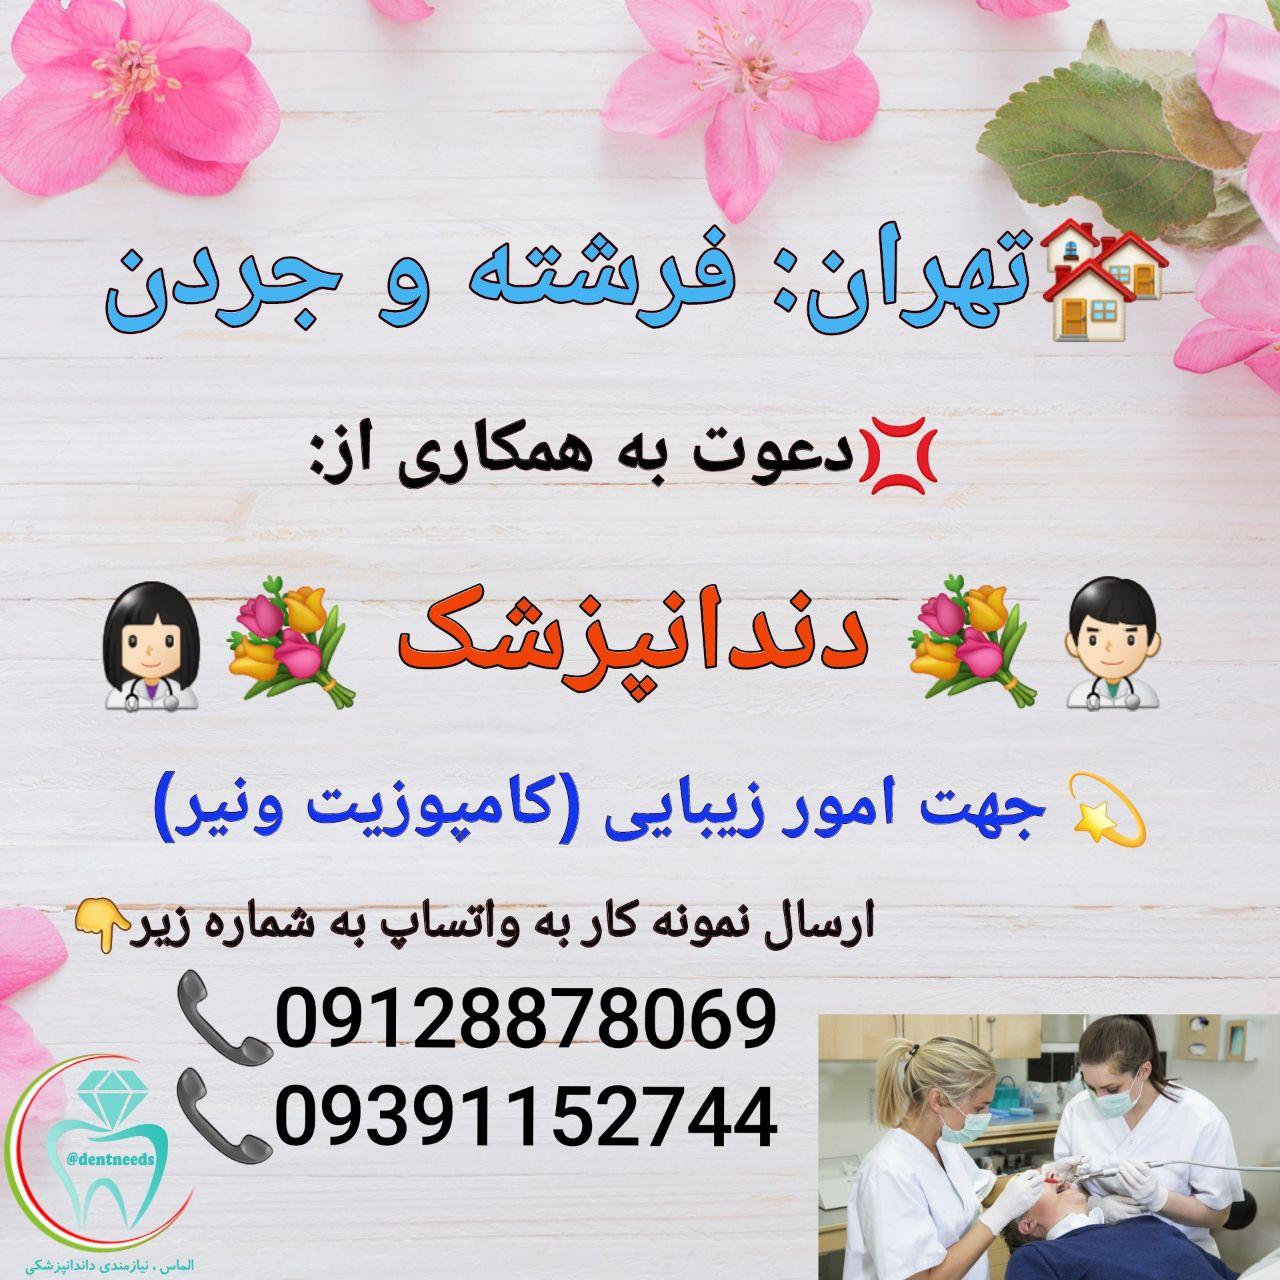 تهران: فرشته و جردن، نیاز به دندانپزشک